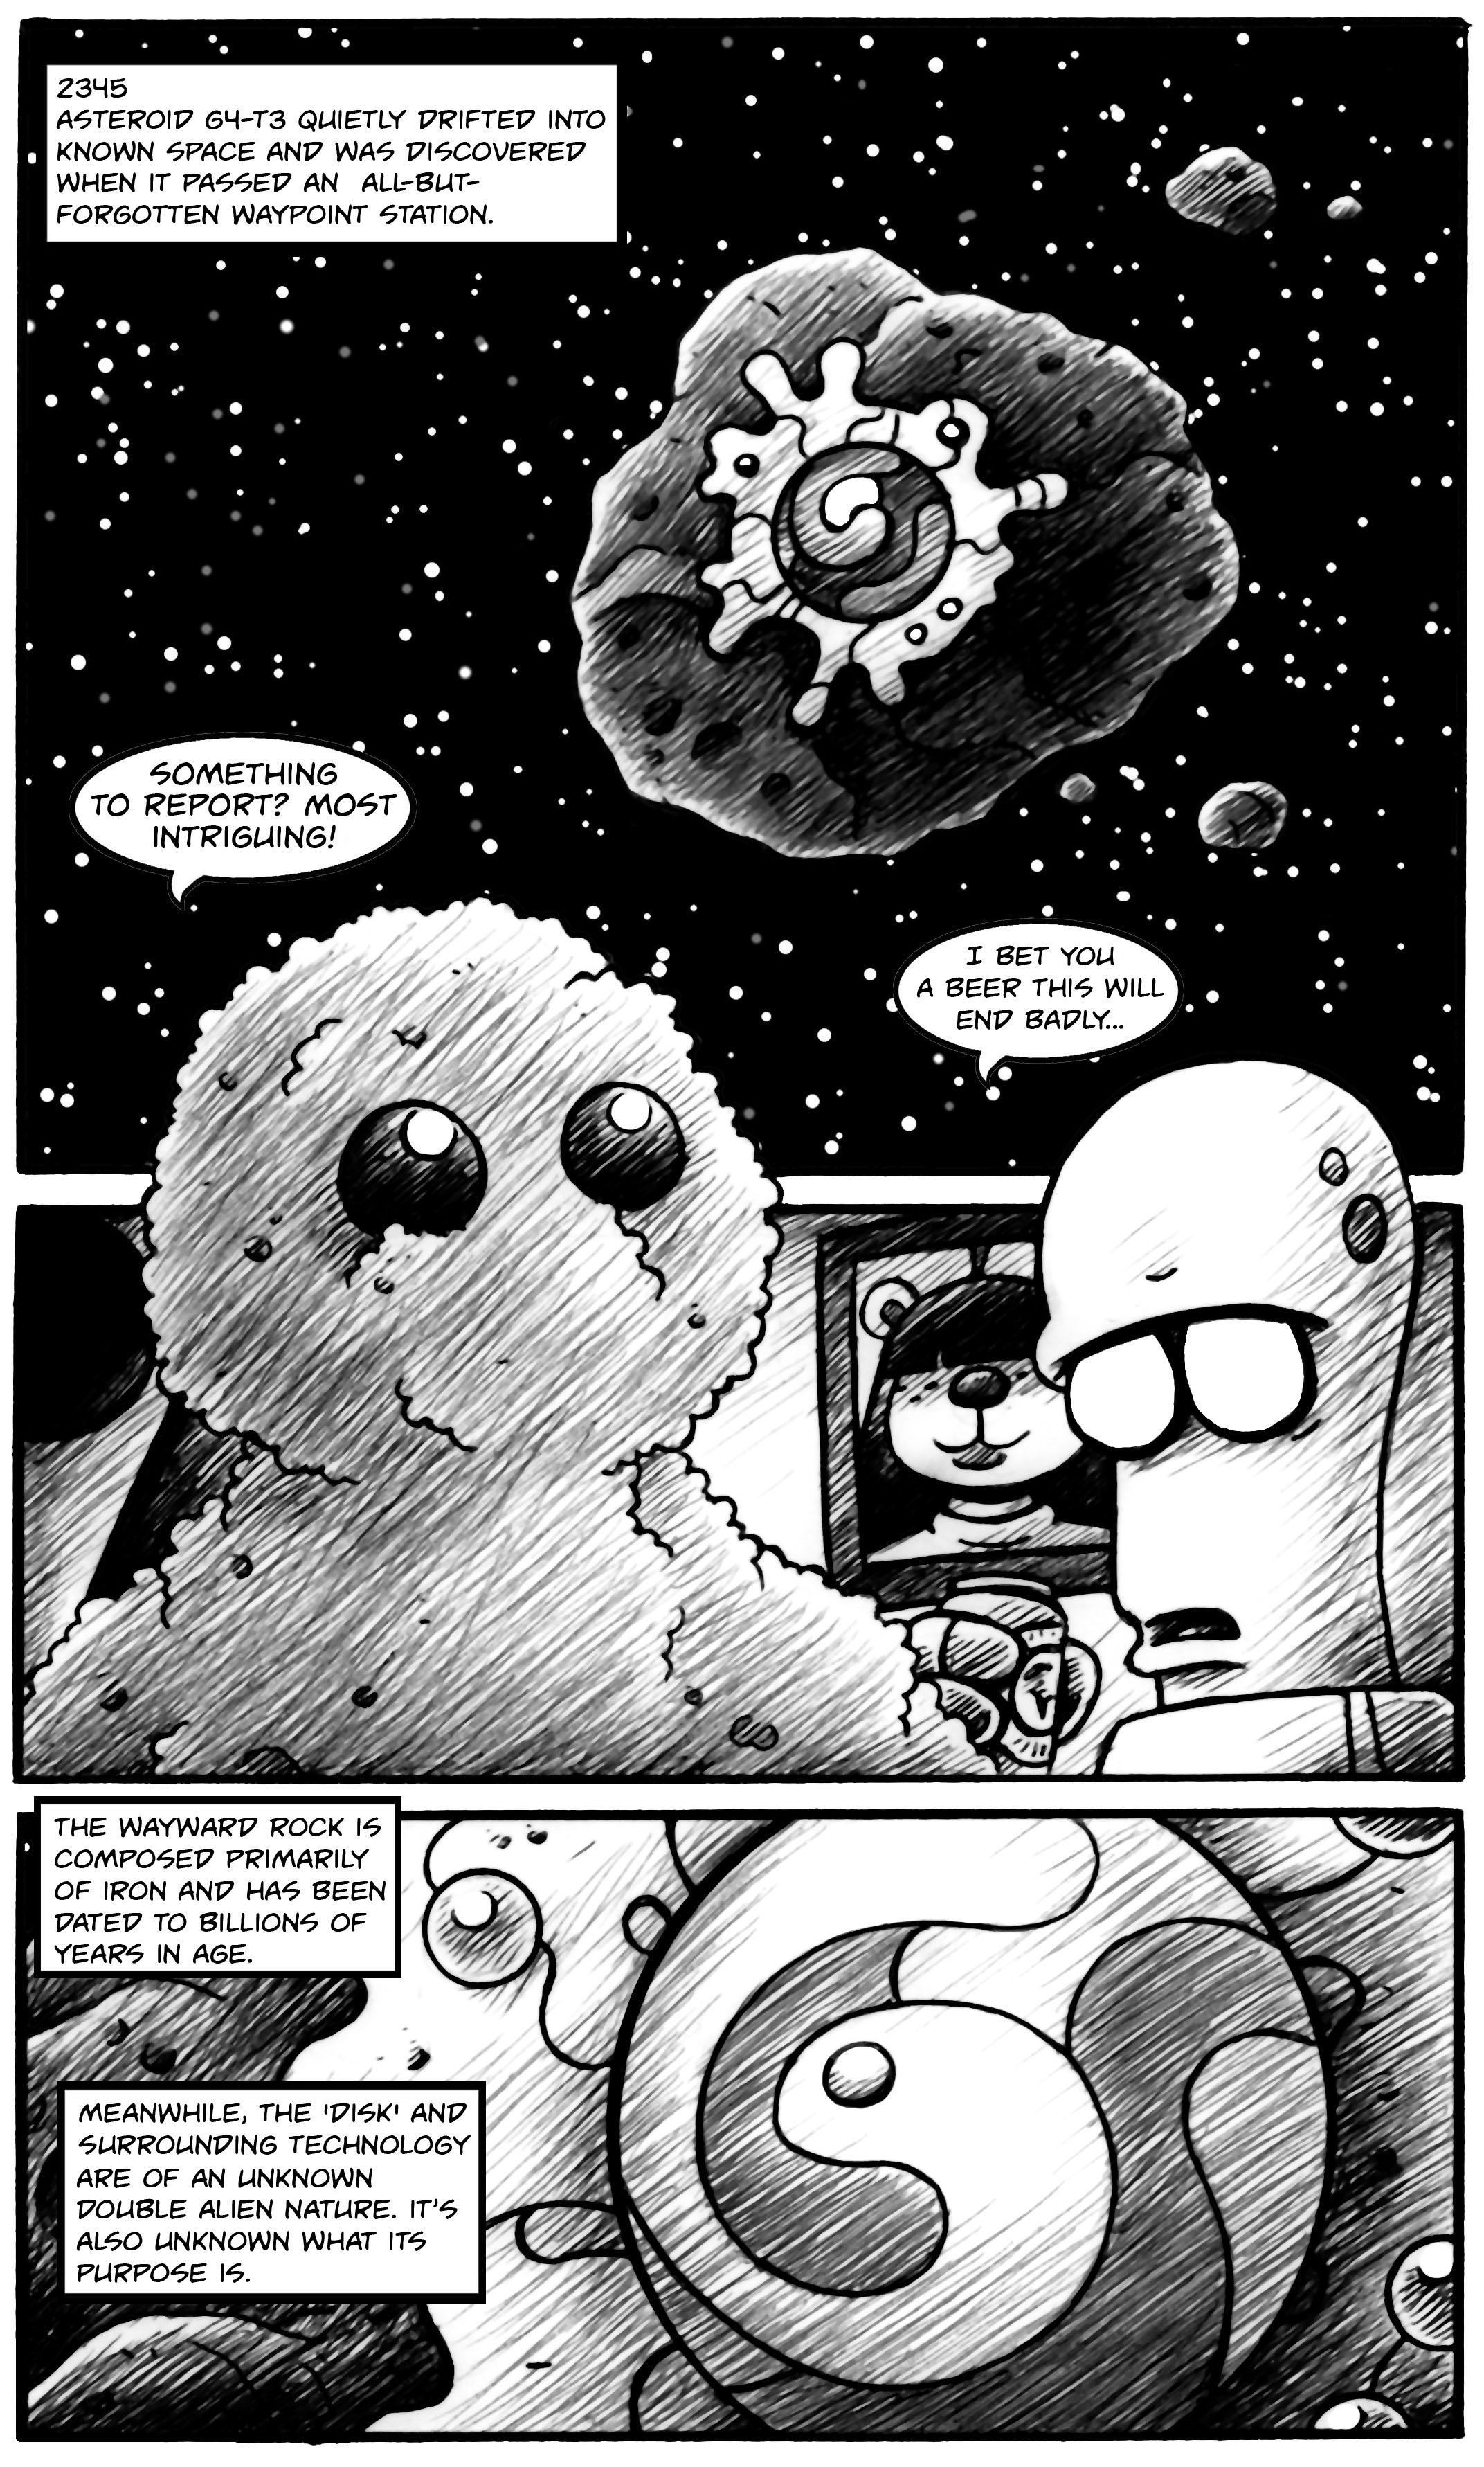 Waylay Anew 141: Epilogues, Page 141